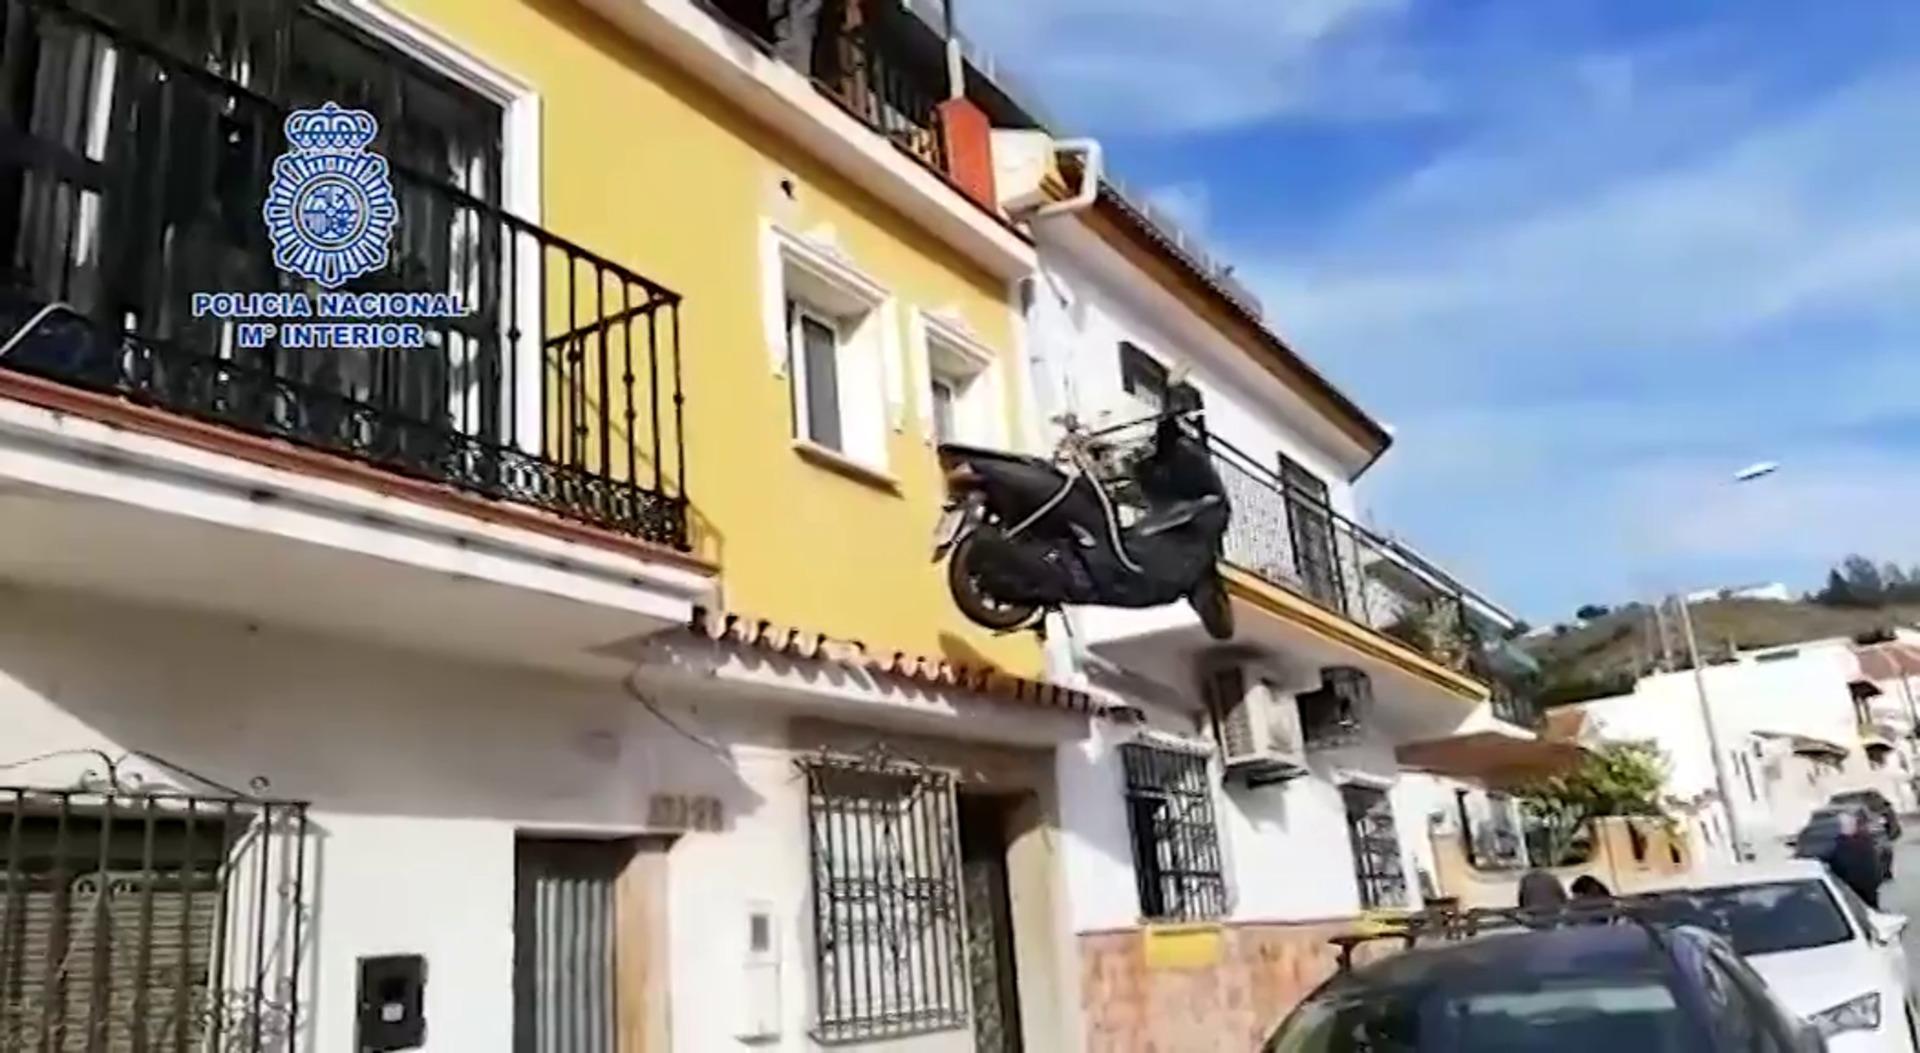 Recupera de la azotea de una vivienda una moto robada en Málaga capital